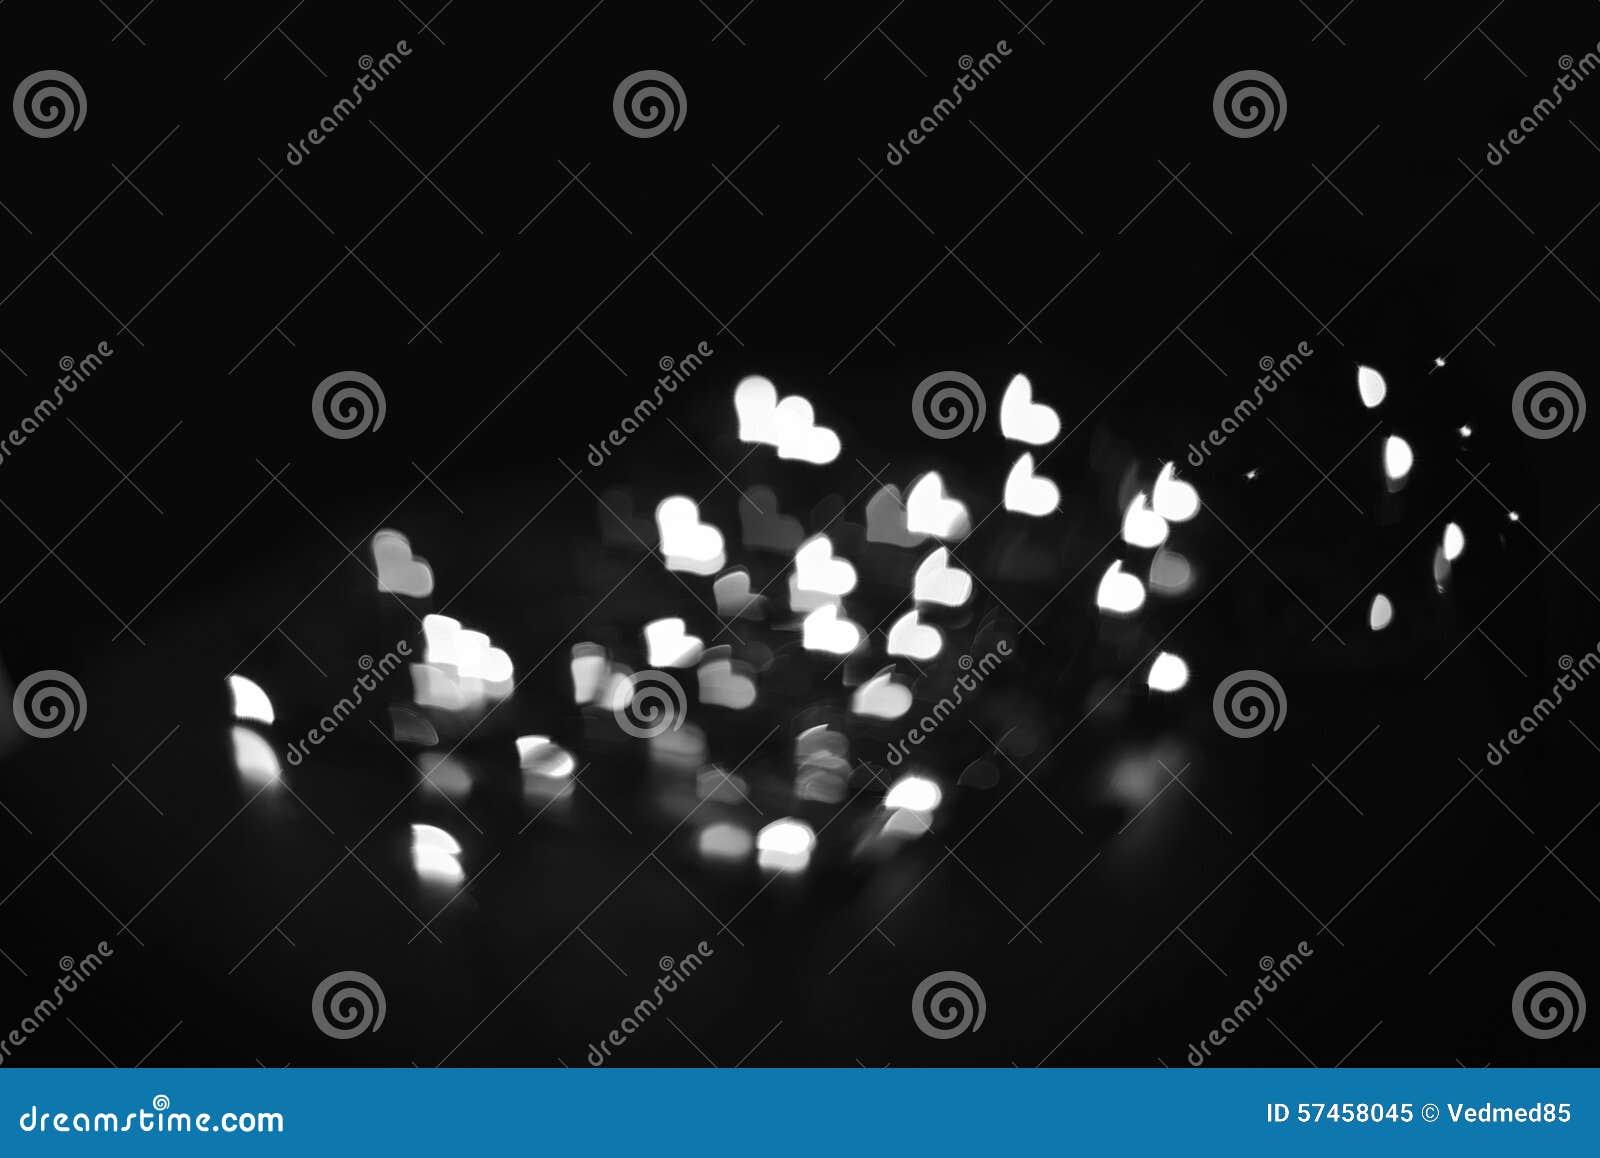 Fondo Blanco Y Negro De La Falta De Definición Del Amor Imagen De